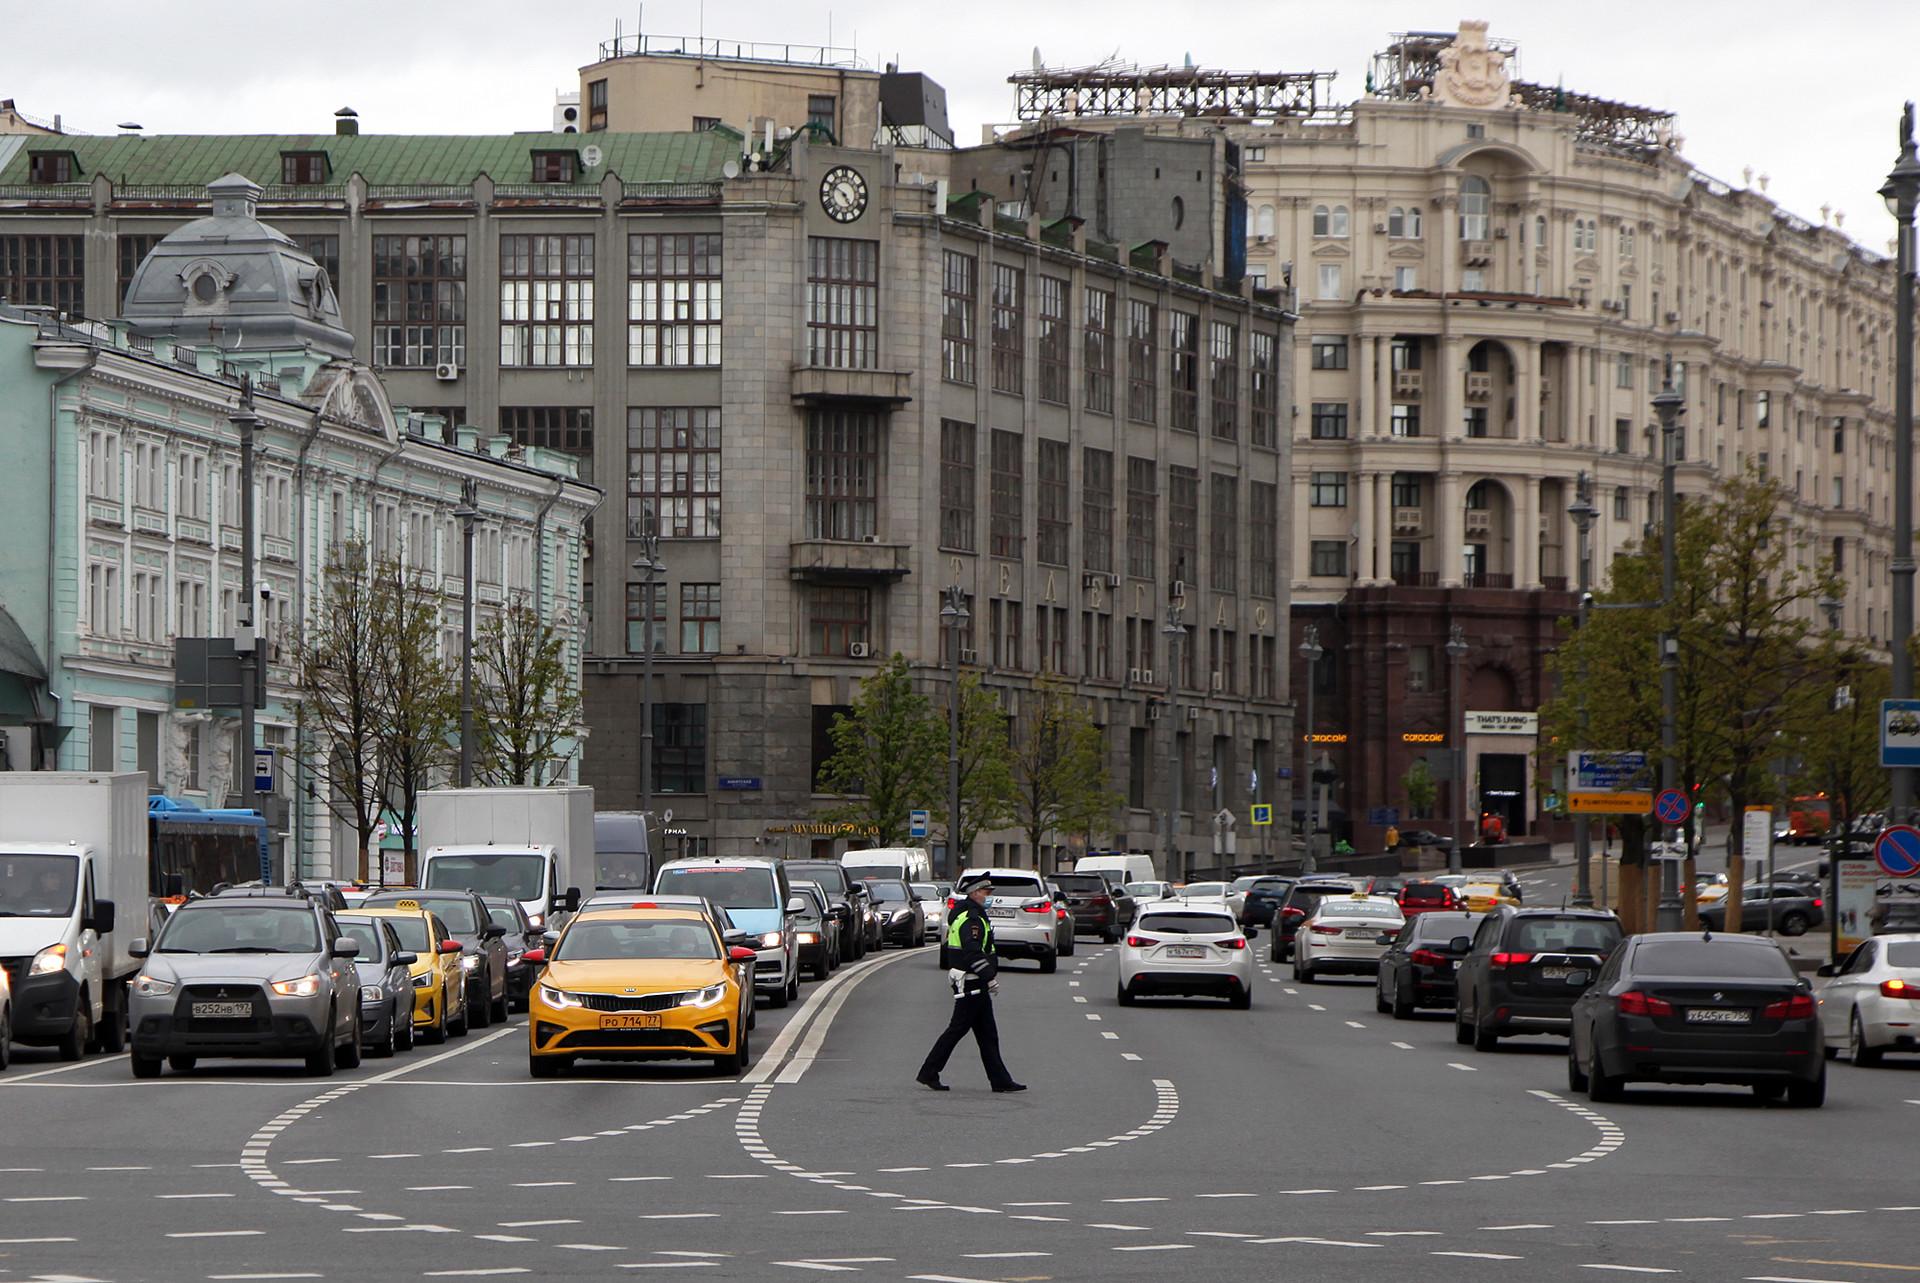 Suasana lalu lintas di Tverskaya Ulitsa cukup ramai dengan kendaraan.